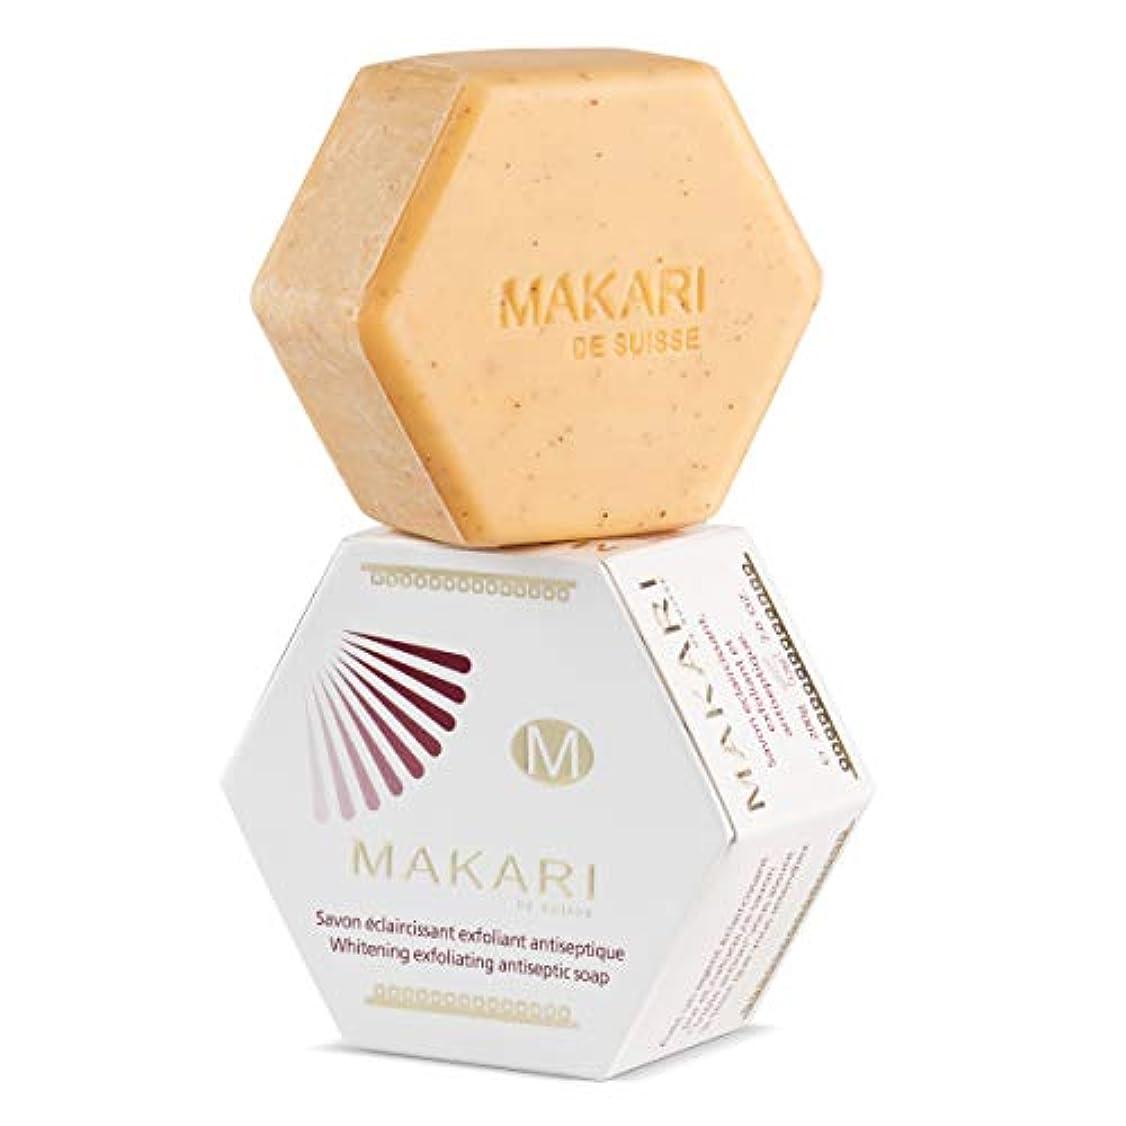 ベース統計的争いMAKARI Classic Whitening Exfoliating Antiseptic Soap 7 Oz.– Cleansing & Moisturizing Bar Soap For Face & Body...